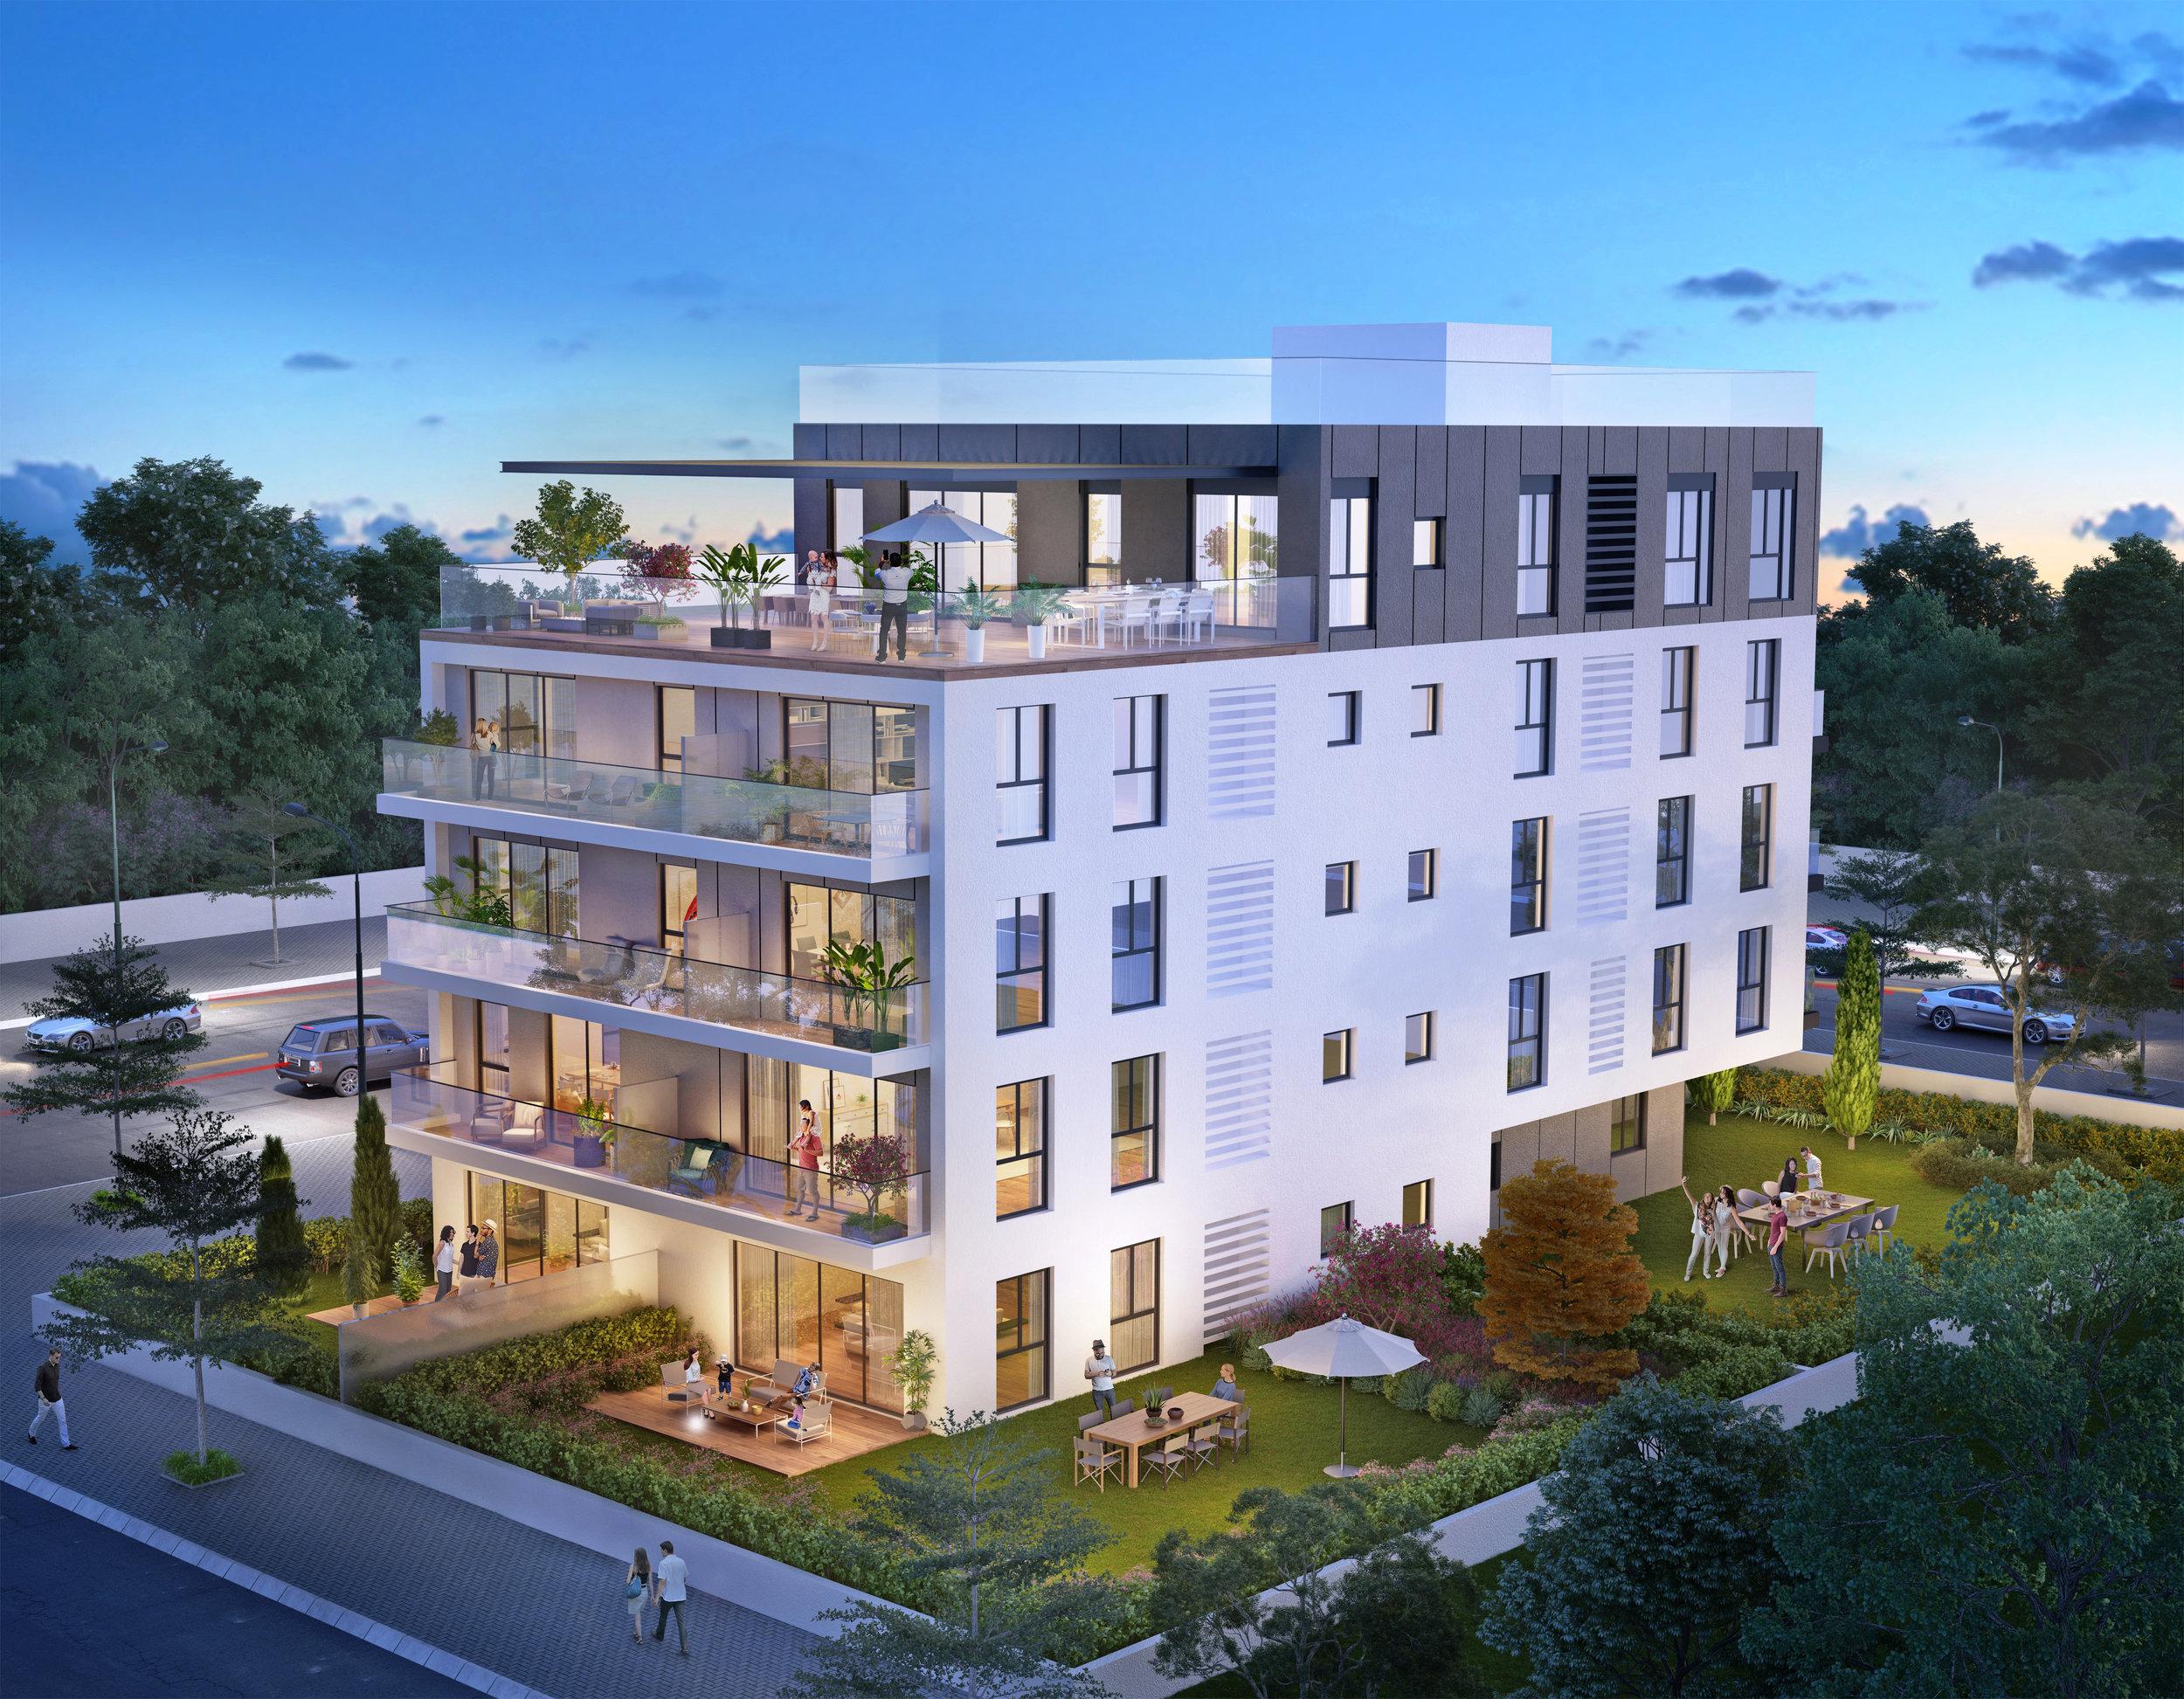 כך תרכשו דירת 5 חדרים בקדימה בכ-1.6 מיליון שקל